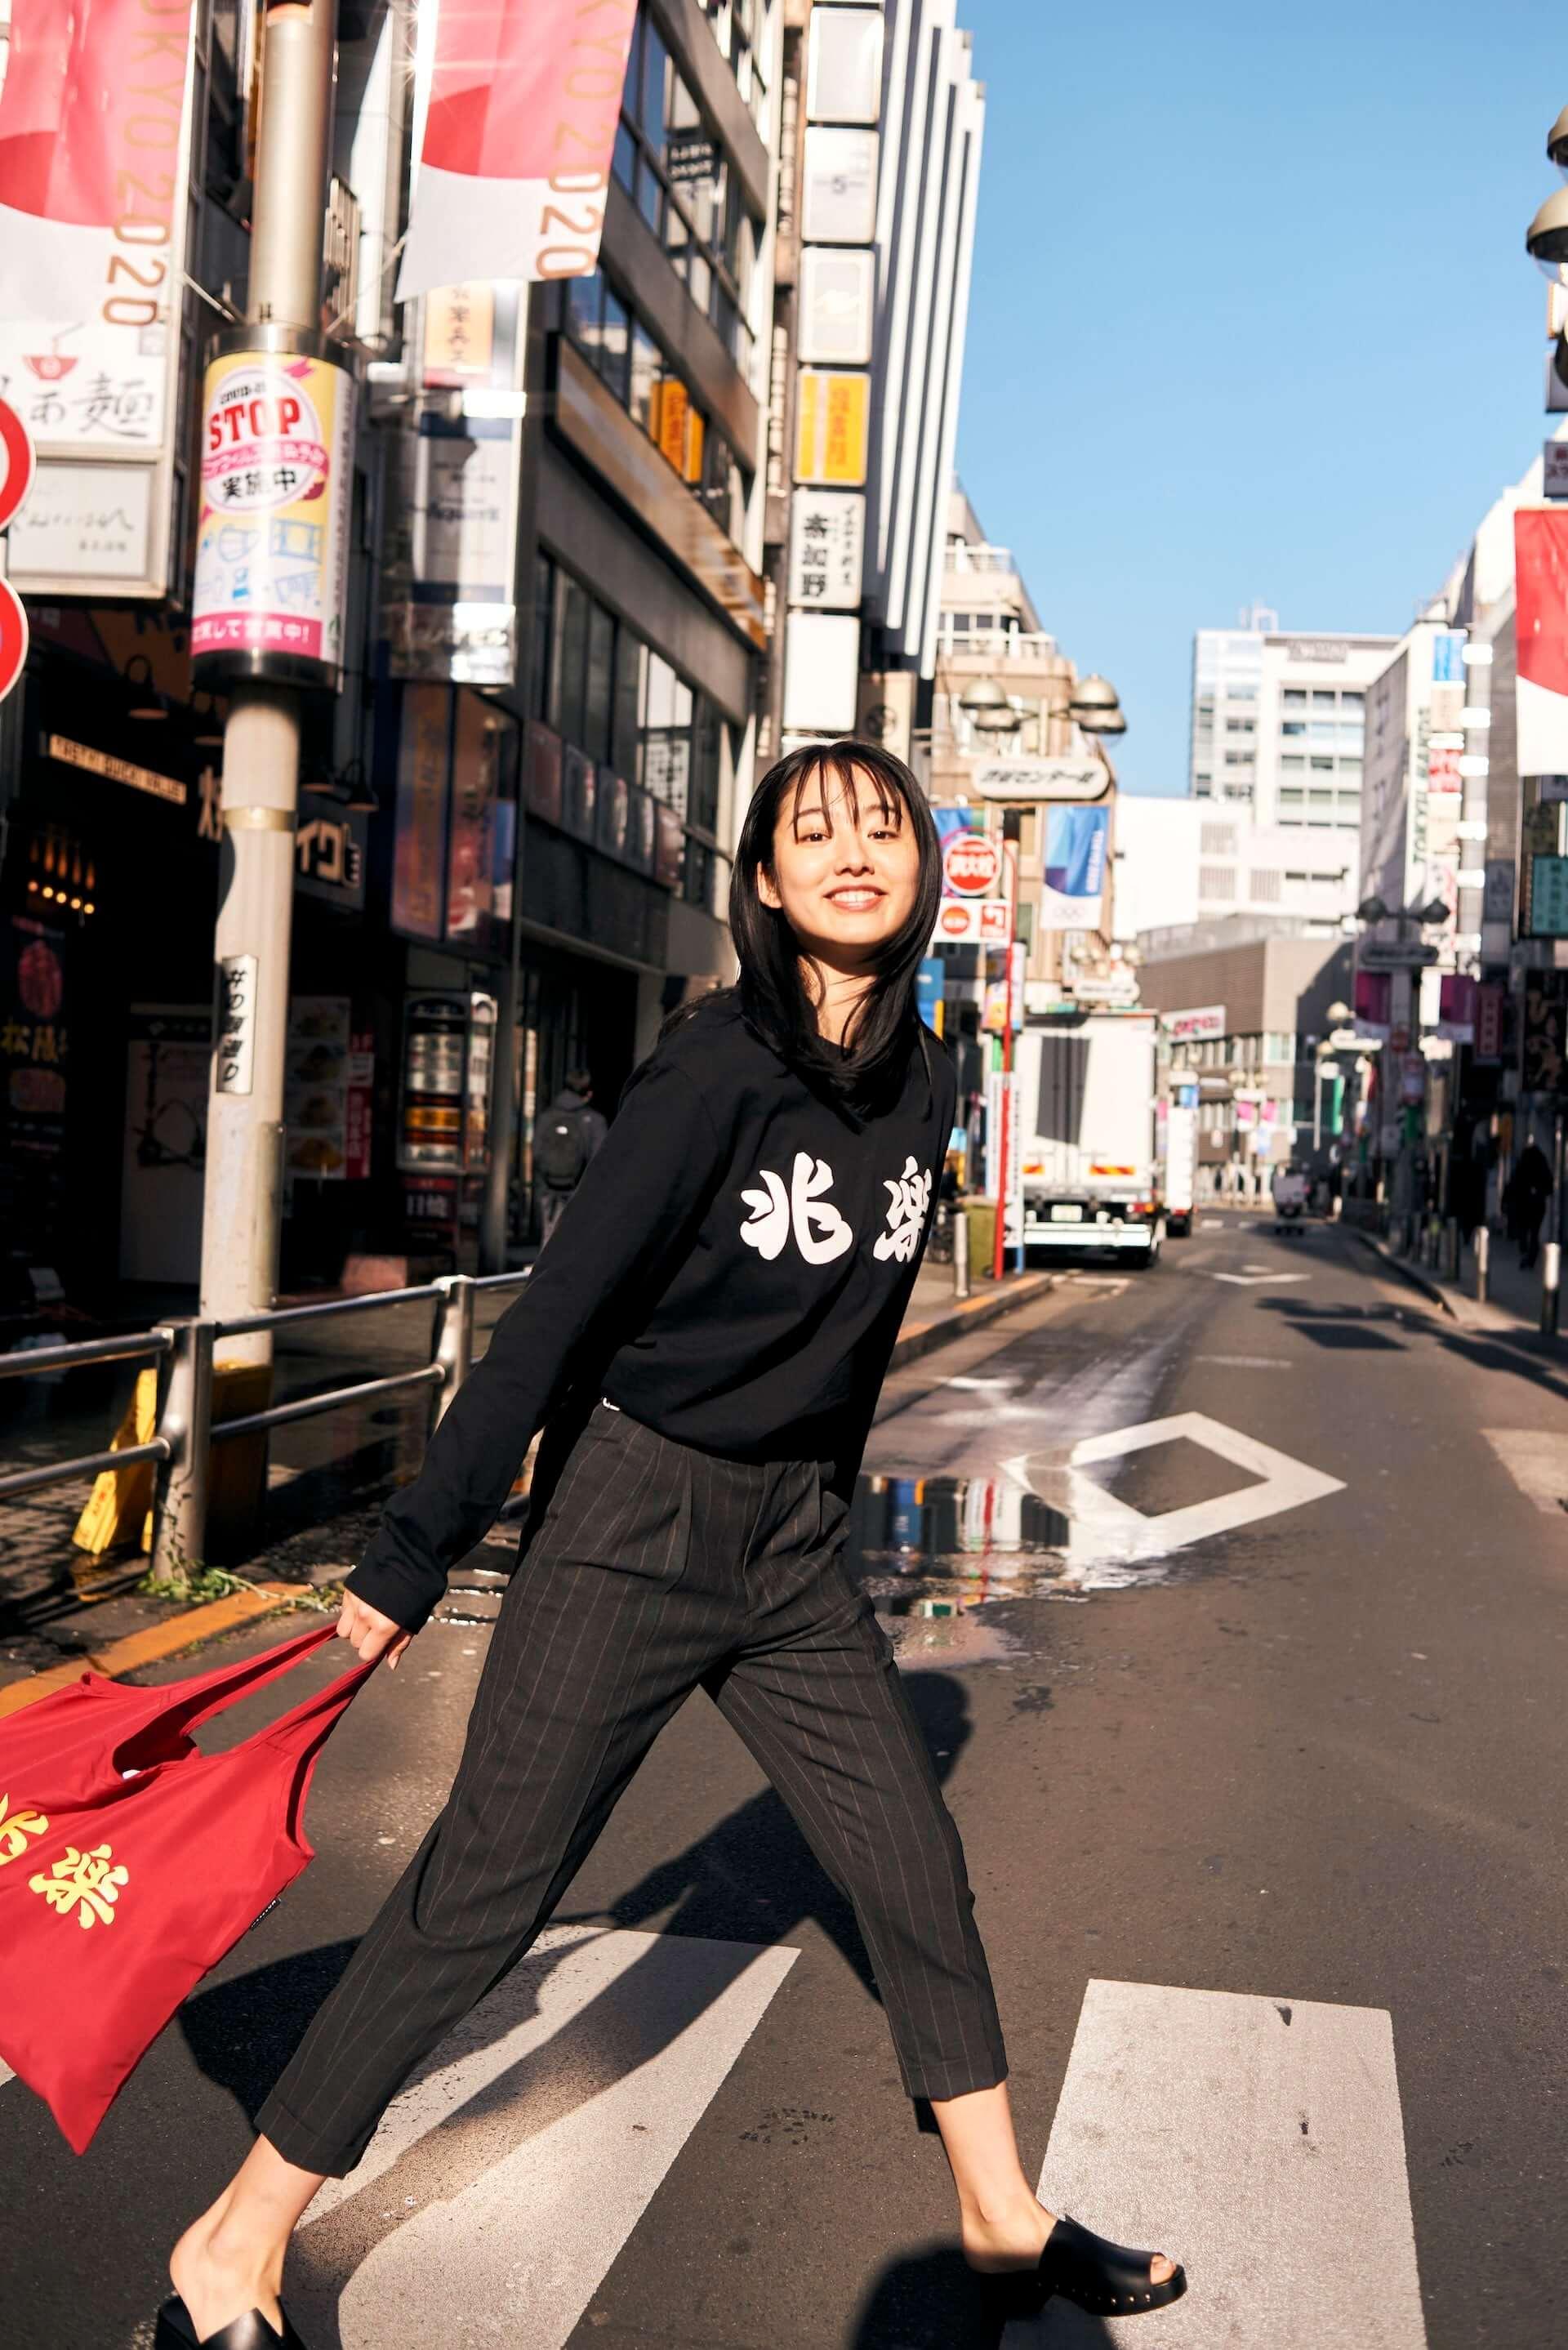 渋谷の街中華・兆楽とJOURNAL STANDARDがコラボ!Tシャツやキャップ、エコバッグが受注販売開始 lf210205_choraku-journalstandard_8-1920x2877